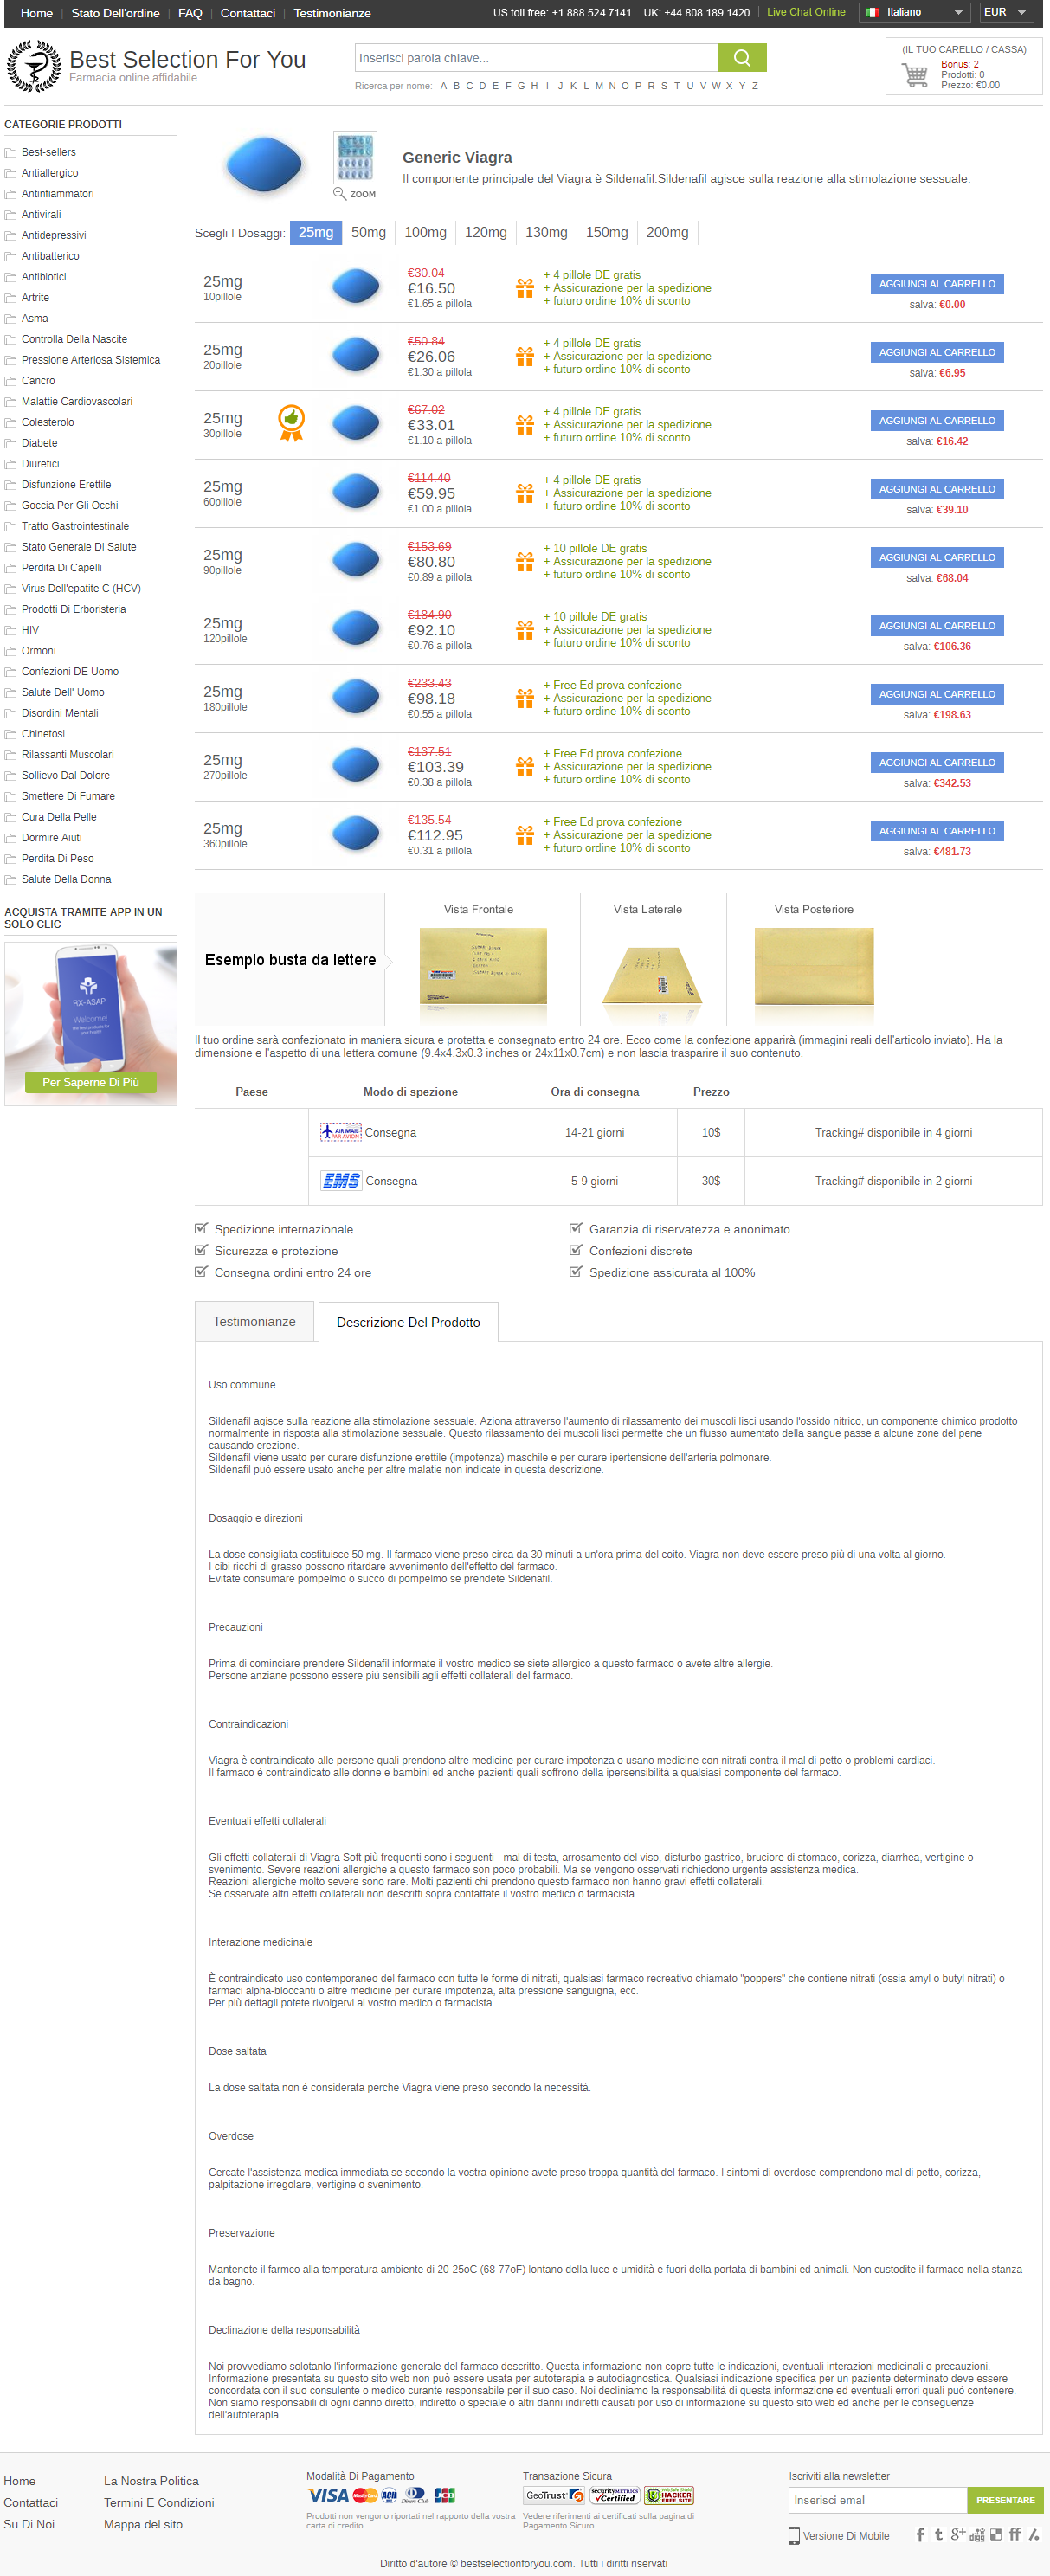 farmaco x disfunzione erettile generico in farmacia online